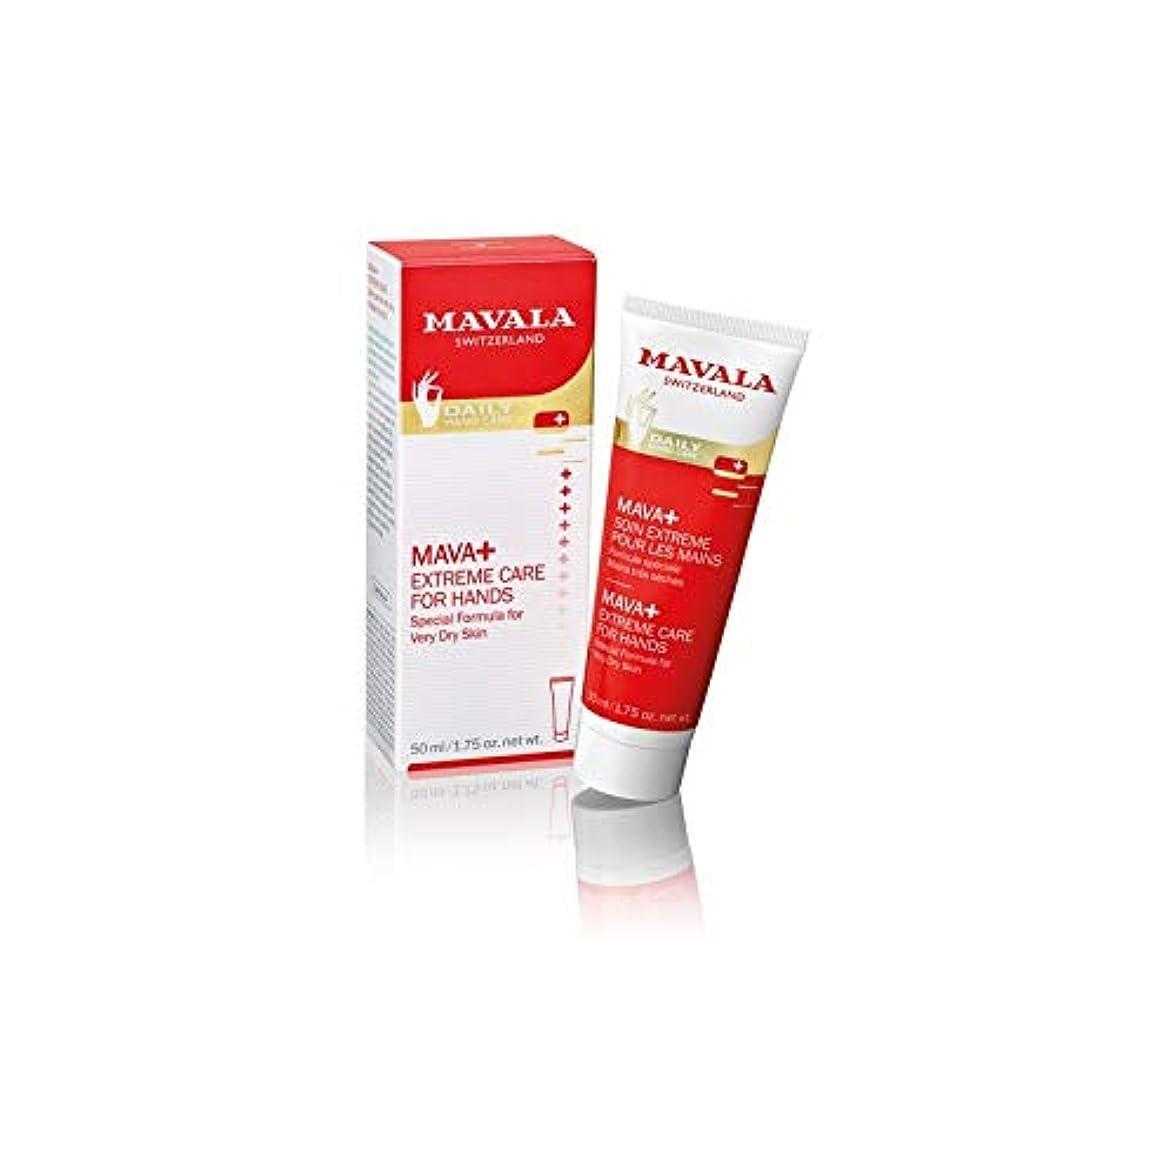 極端な目覚める期待して[Mavala] マヴァラMavalaのMava +ハンドクリーム - 手のために細心の注意を払っ(50ミリリットル) - Mavala Mava+ Hand Cream - Extreme Care For Hands...